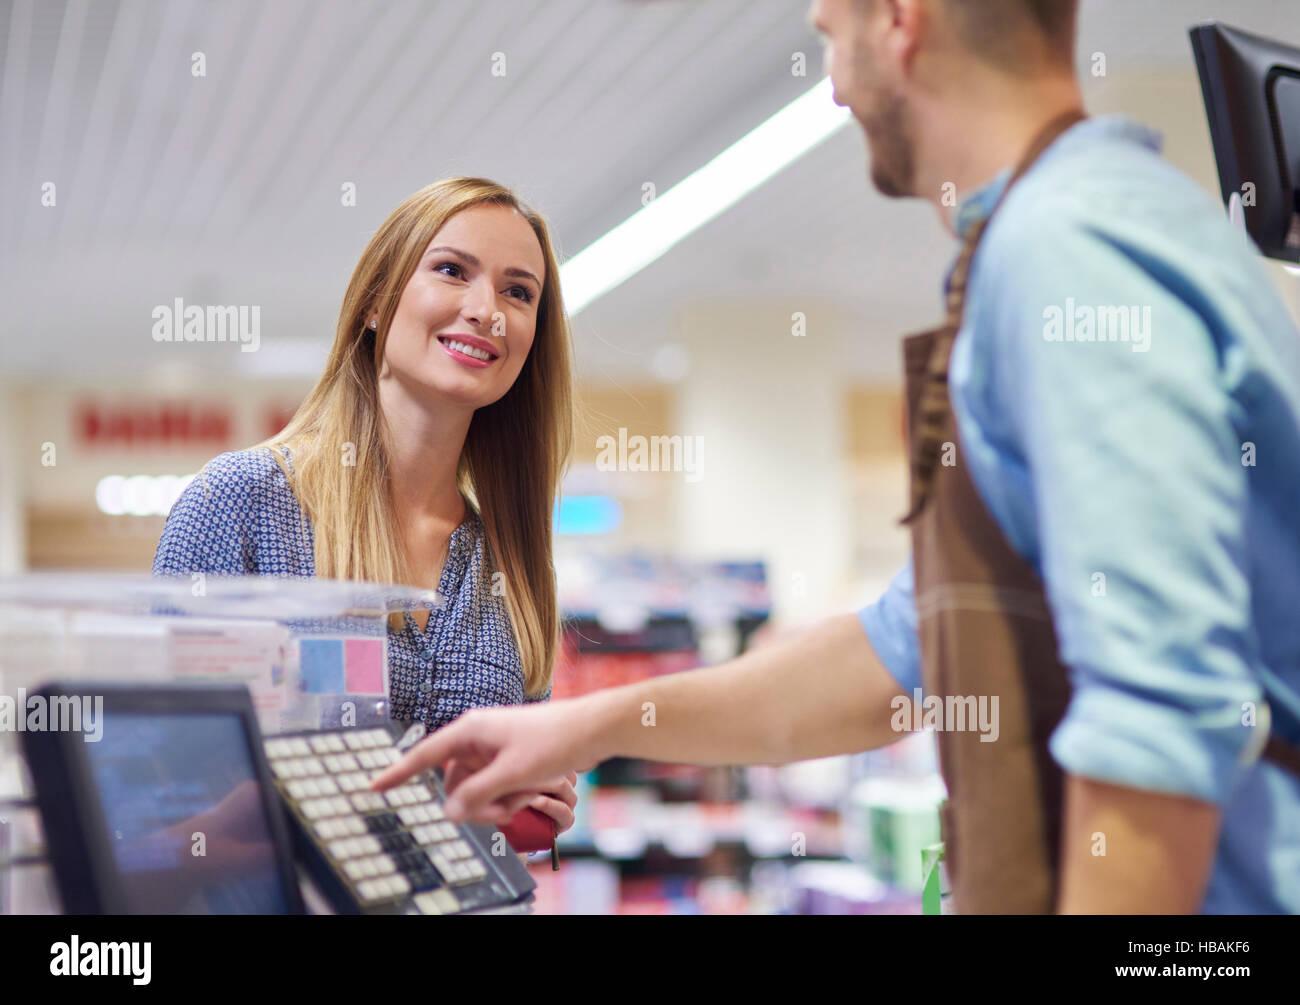 La mujer junto a la caja registradora hablando con la vendedora Foto de stock